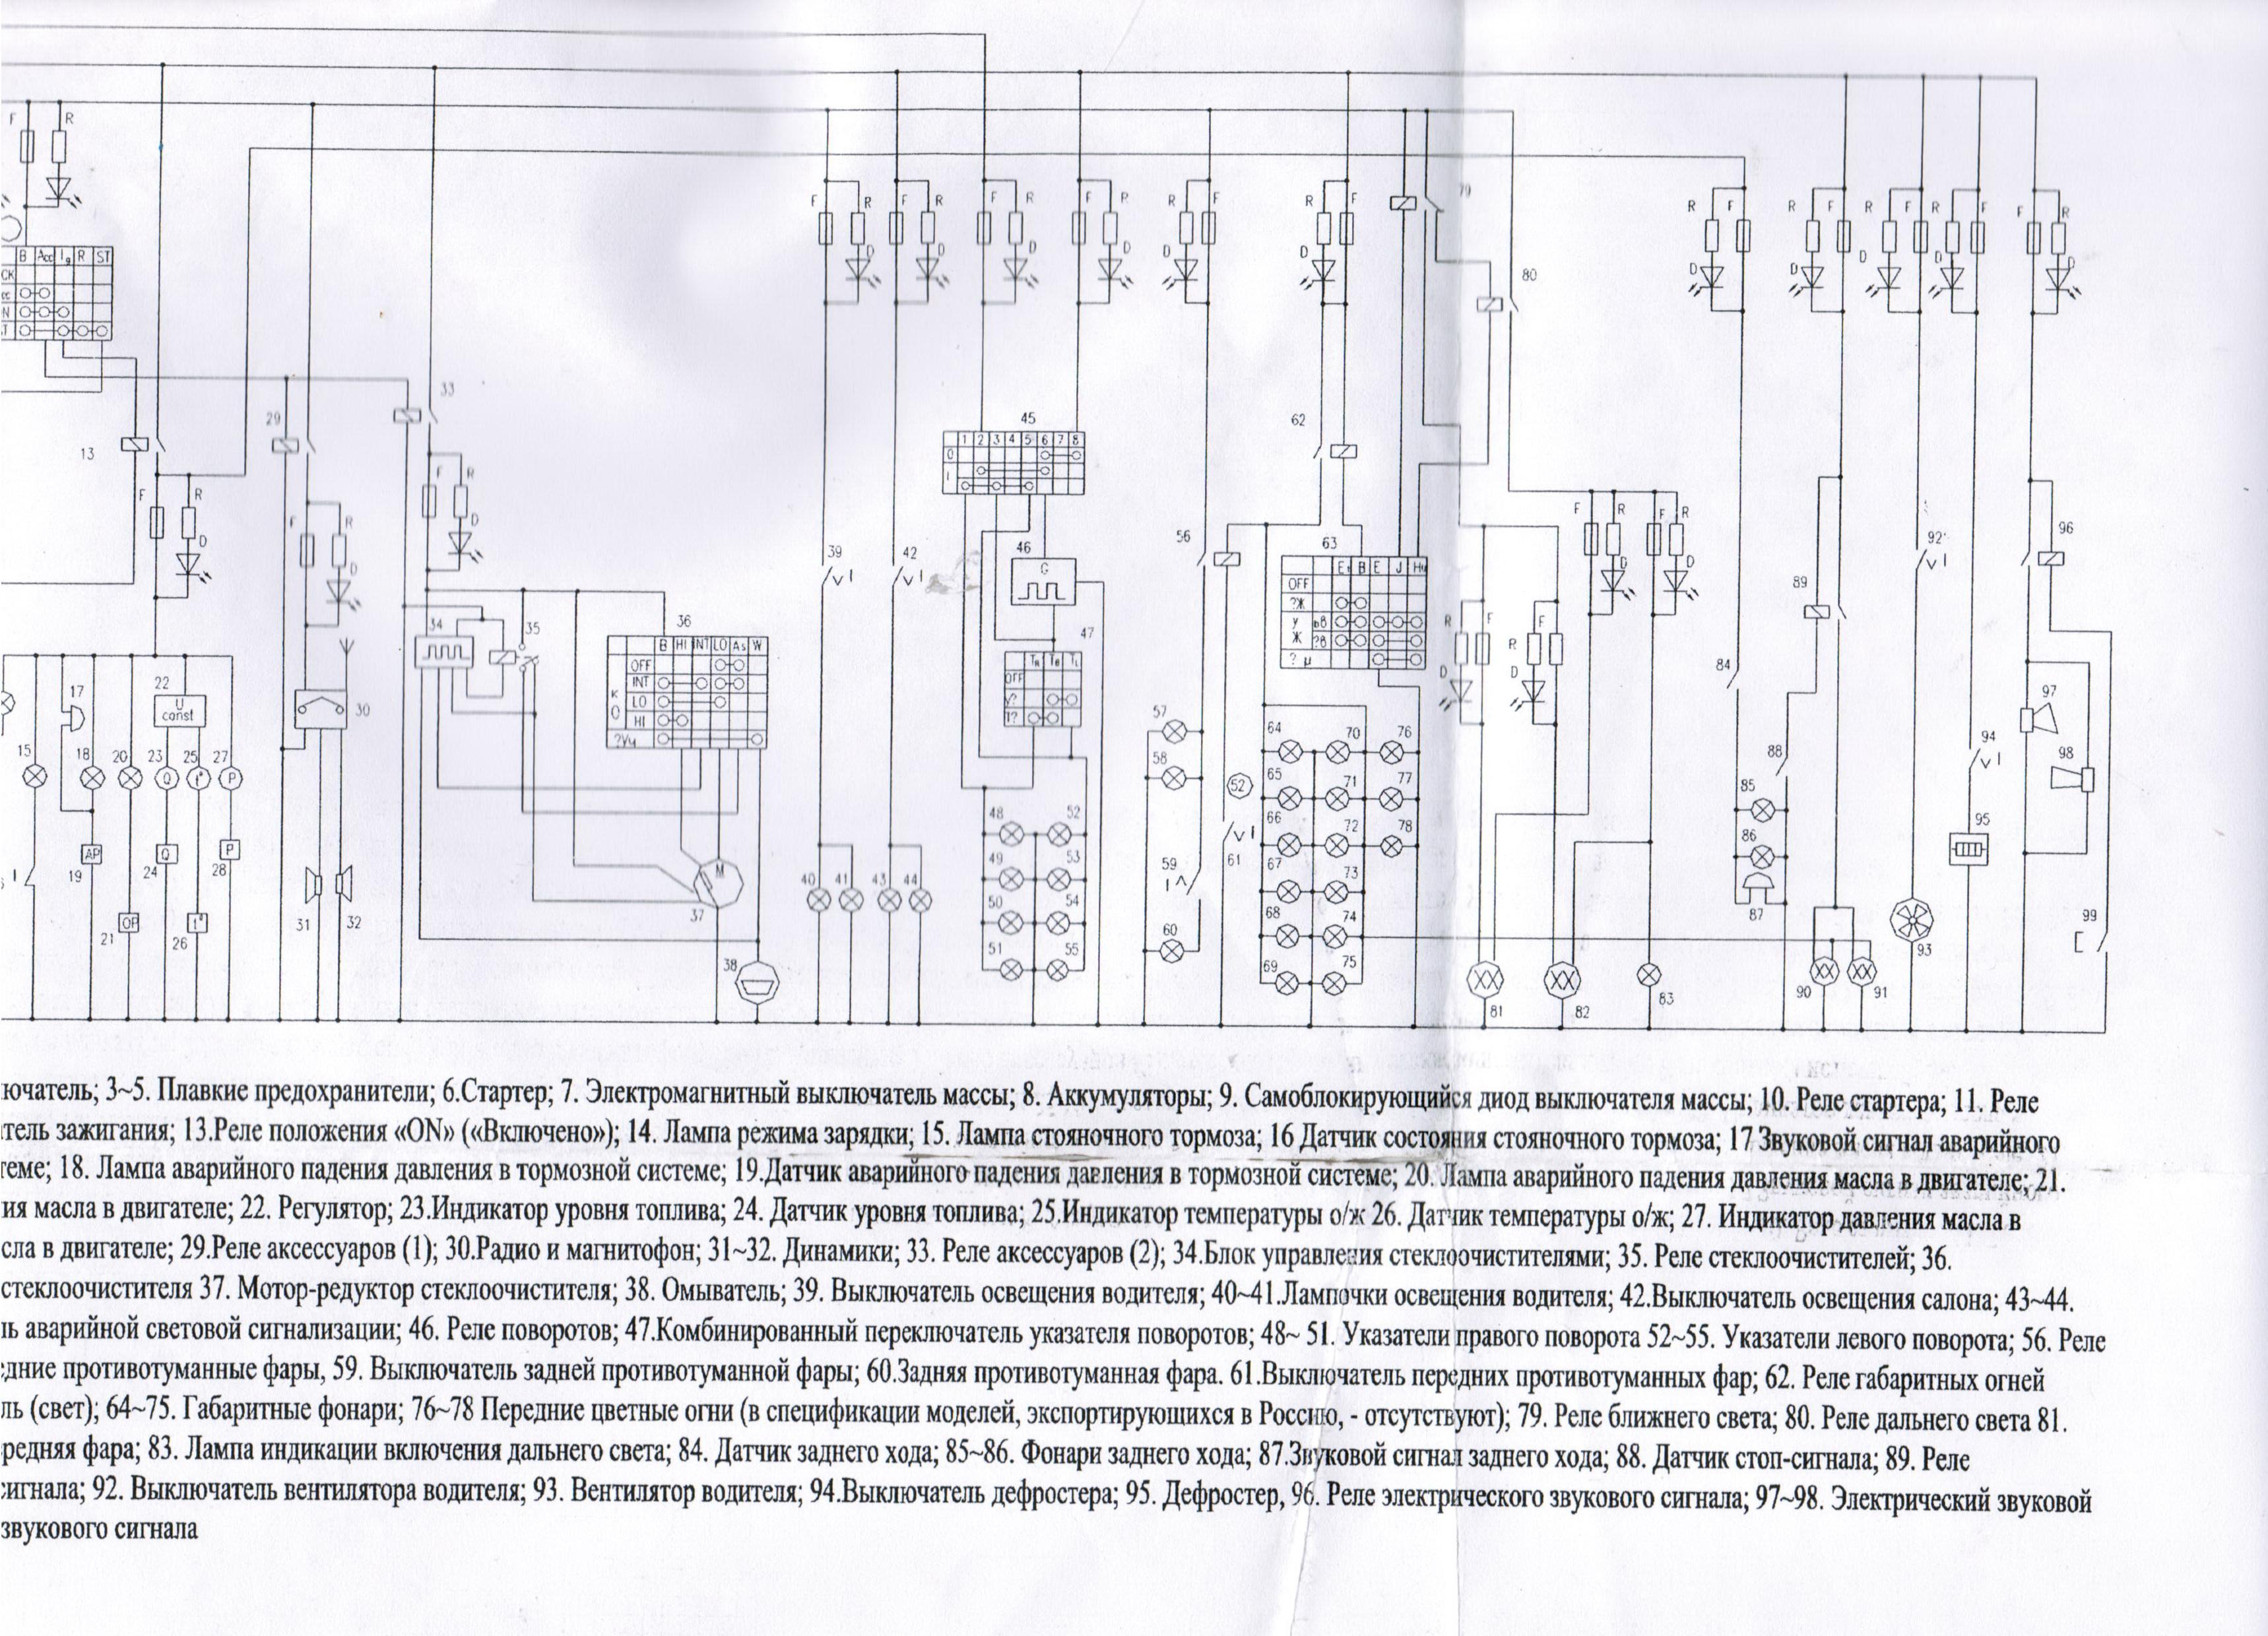 1997 chrysler concorde radio wiring diagram [ 3437 x 2480 Pixel ]